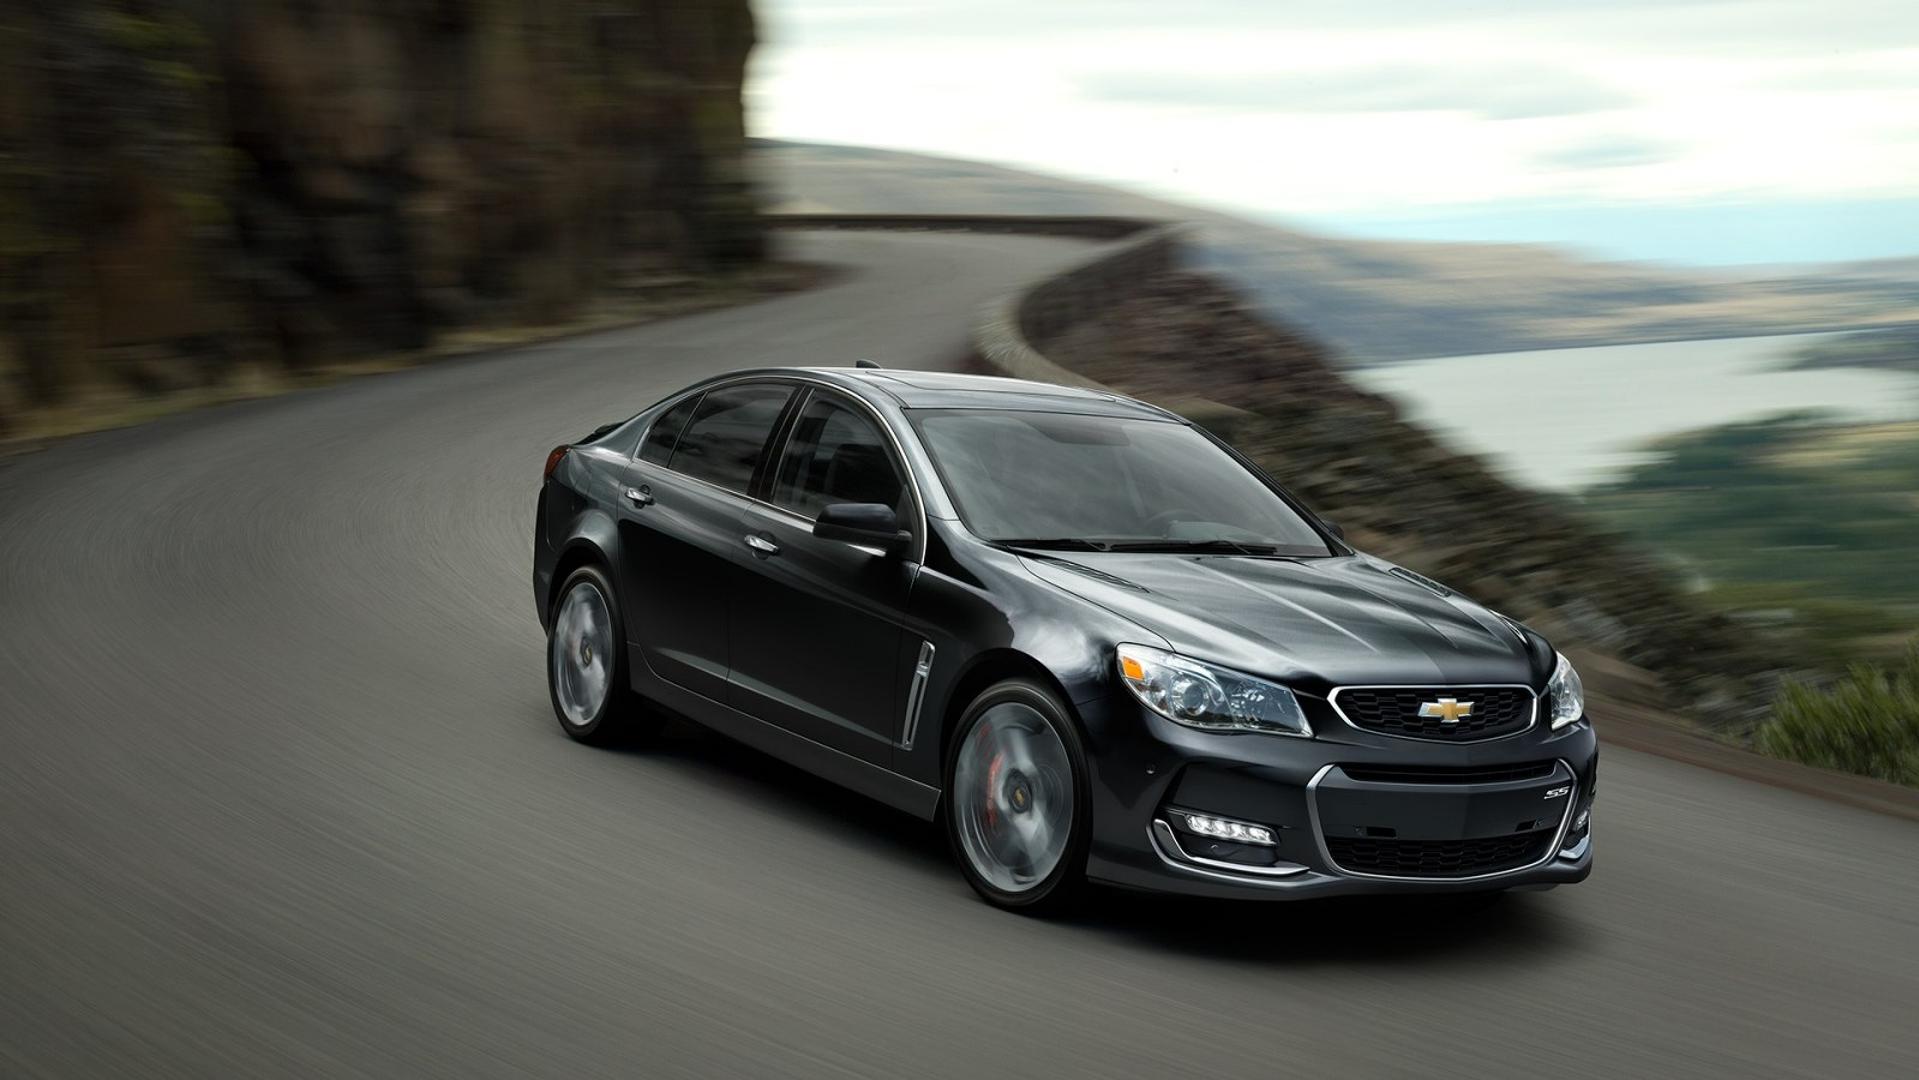 Will 2017 Chevrolet SS get LSA motor?